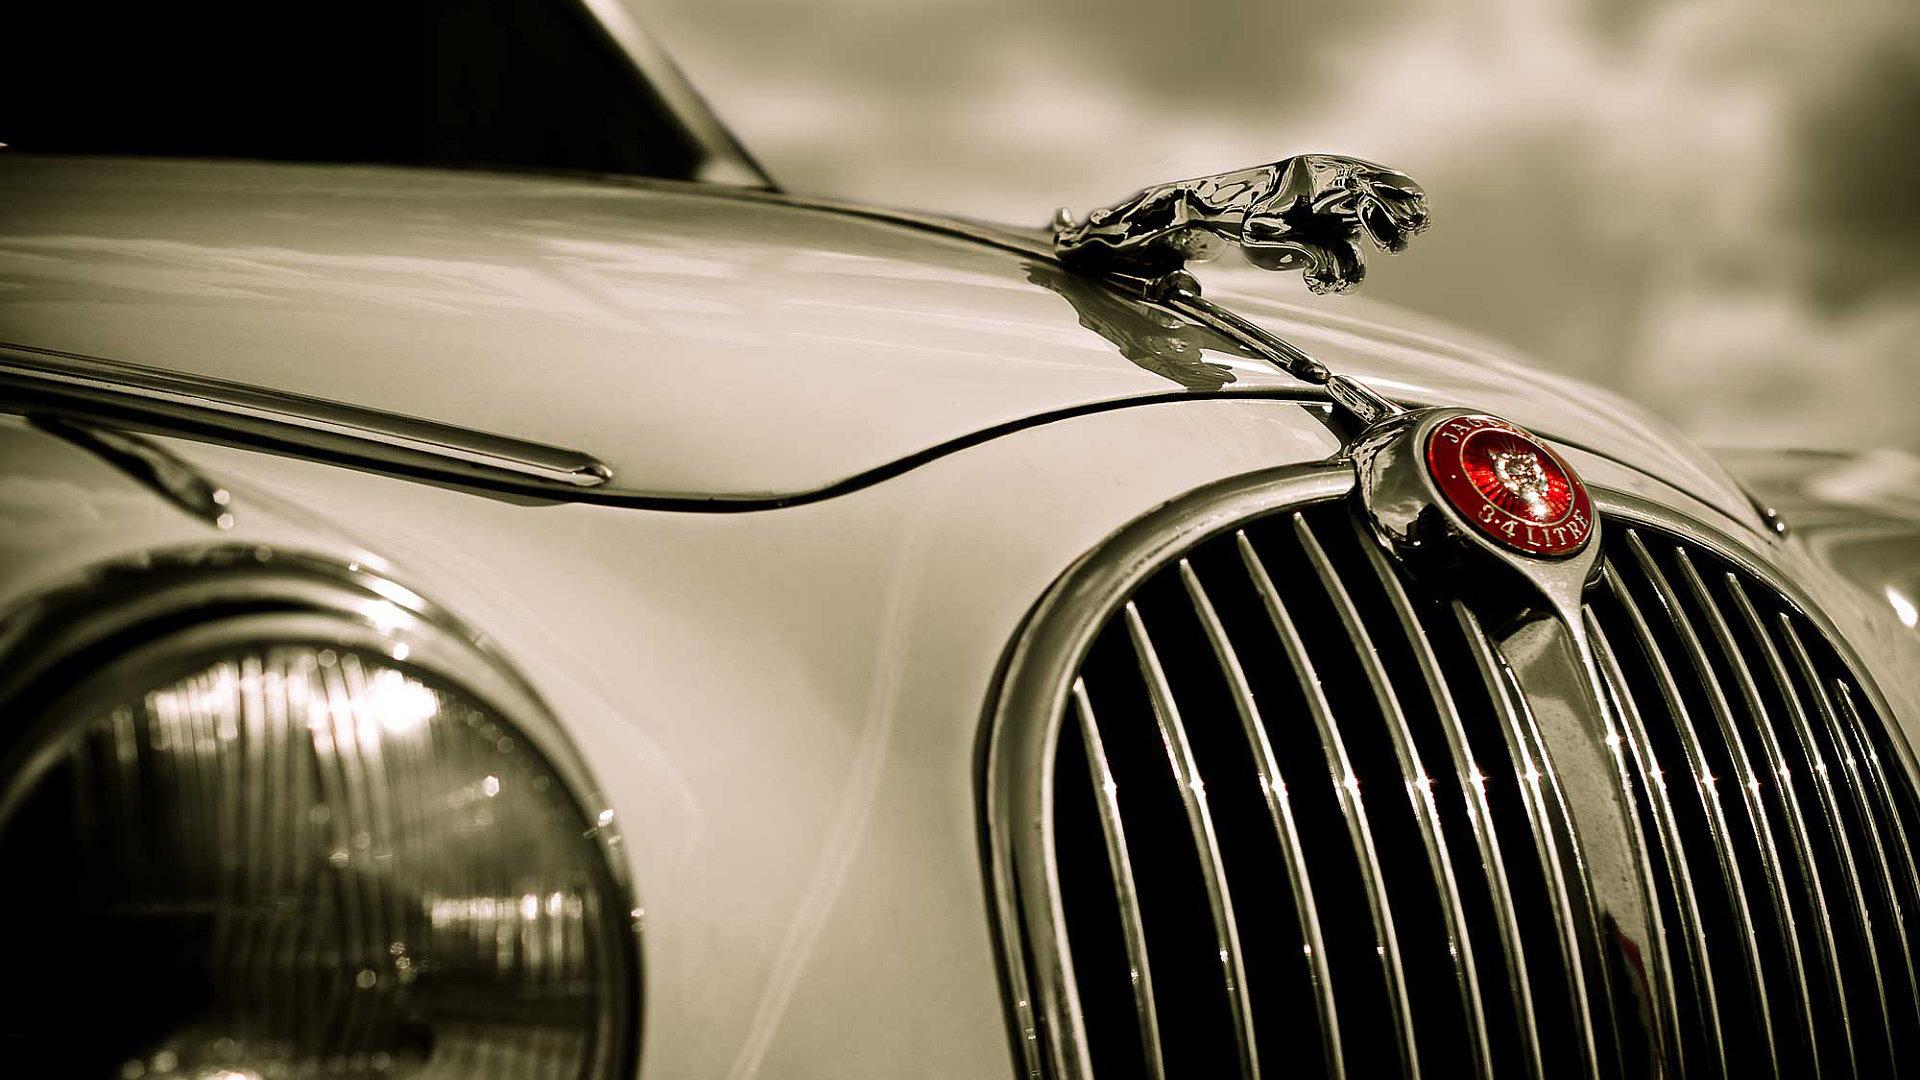 Best Jaguar Car Wallpaper Id Jaguar Car Wallpaper Hd For Mobile 1920x1080 Wallpaper Teahub Io